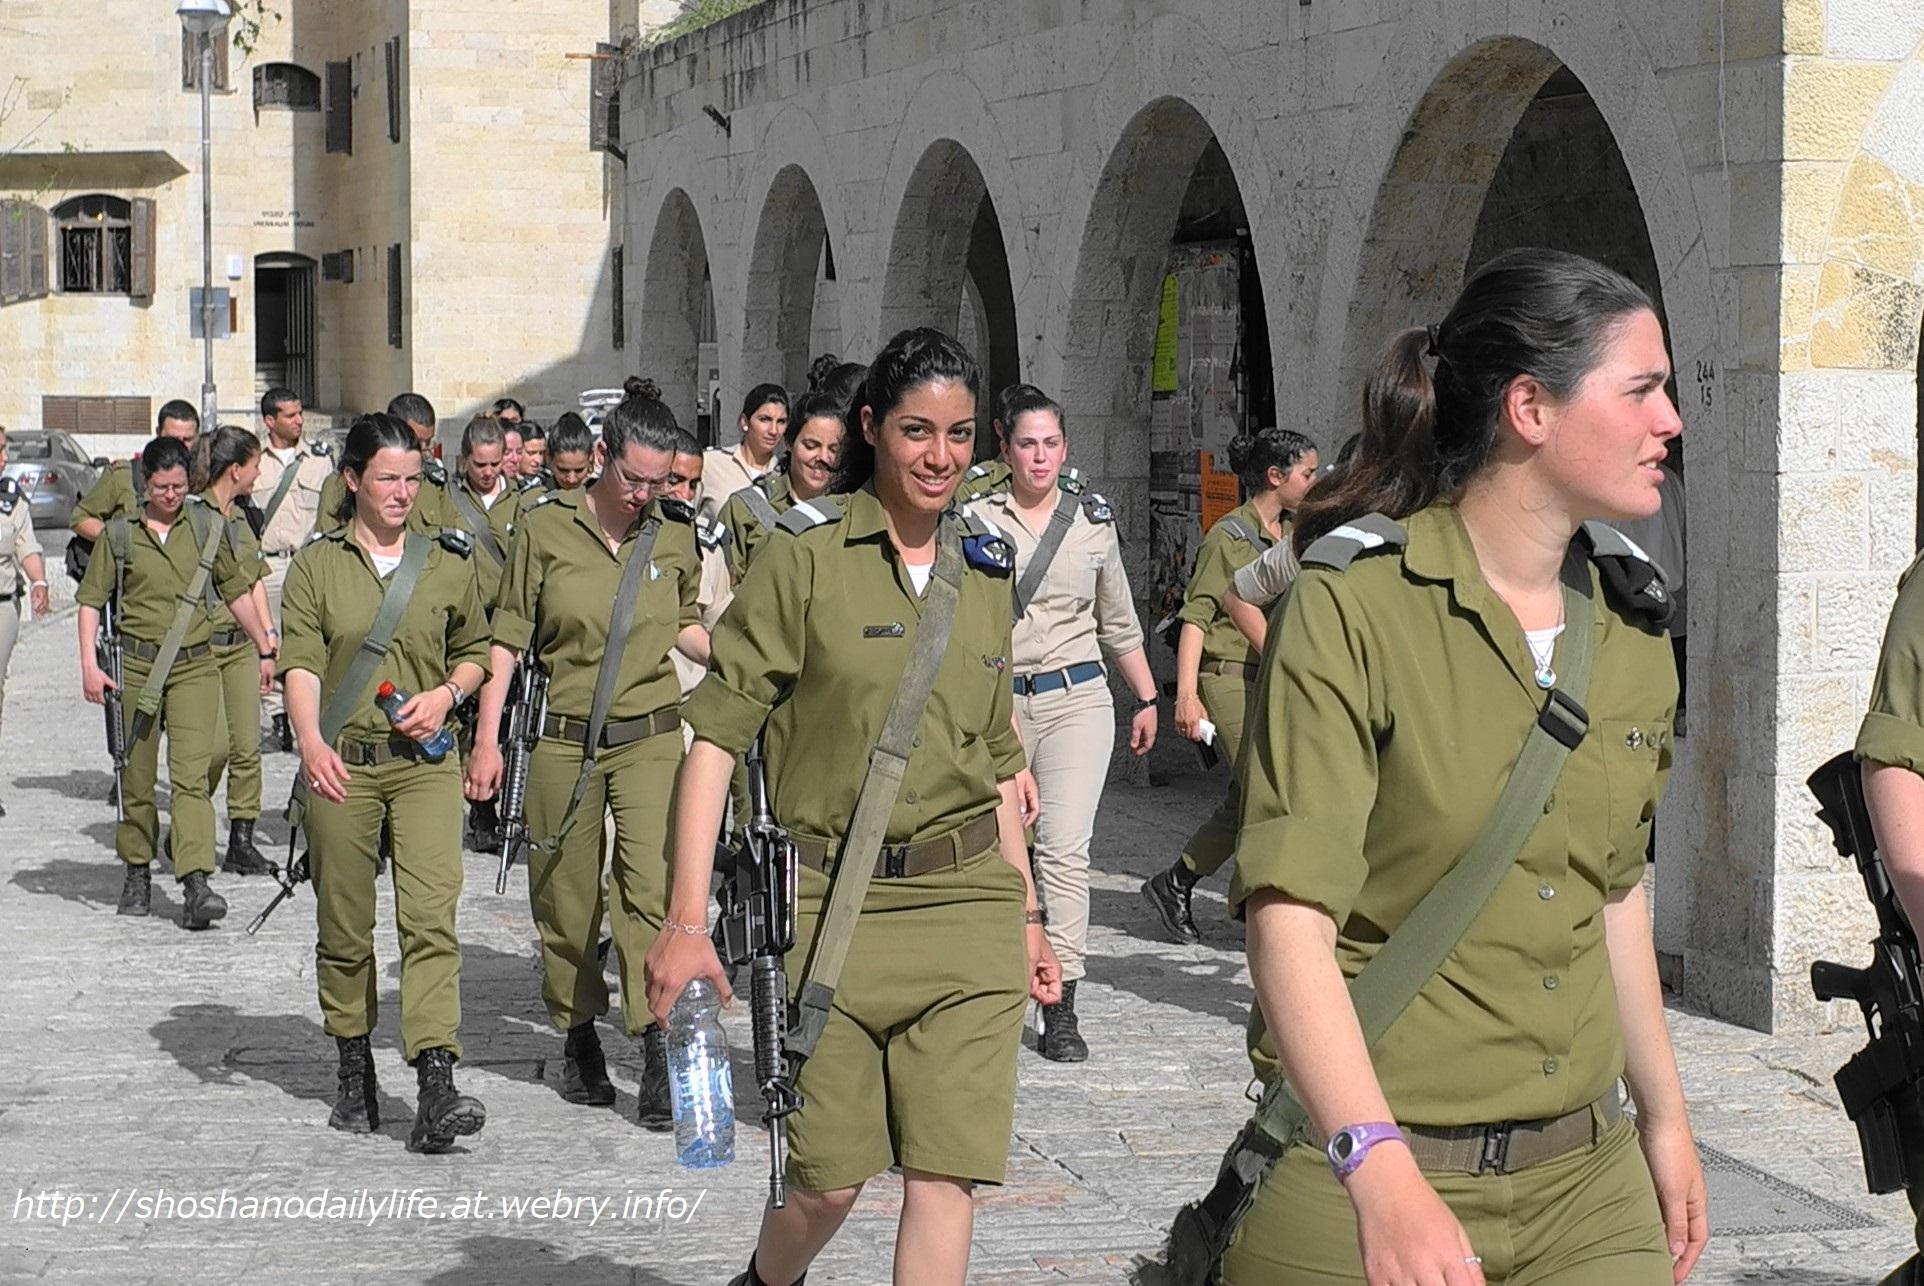 イスラエル 女性兵士 2